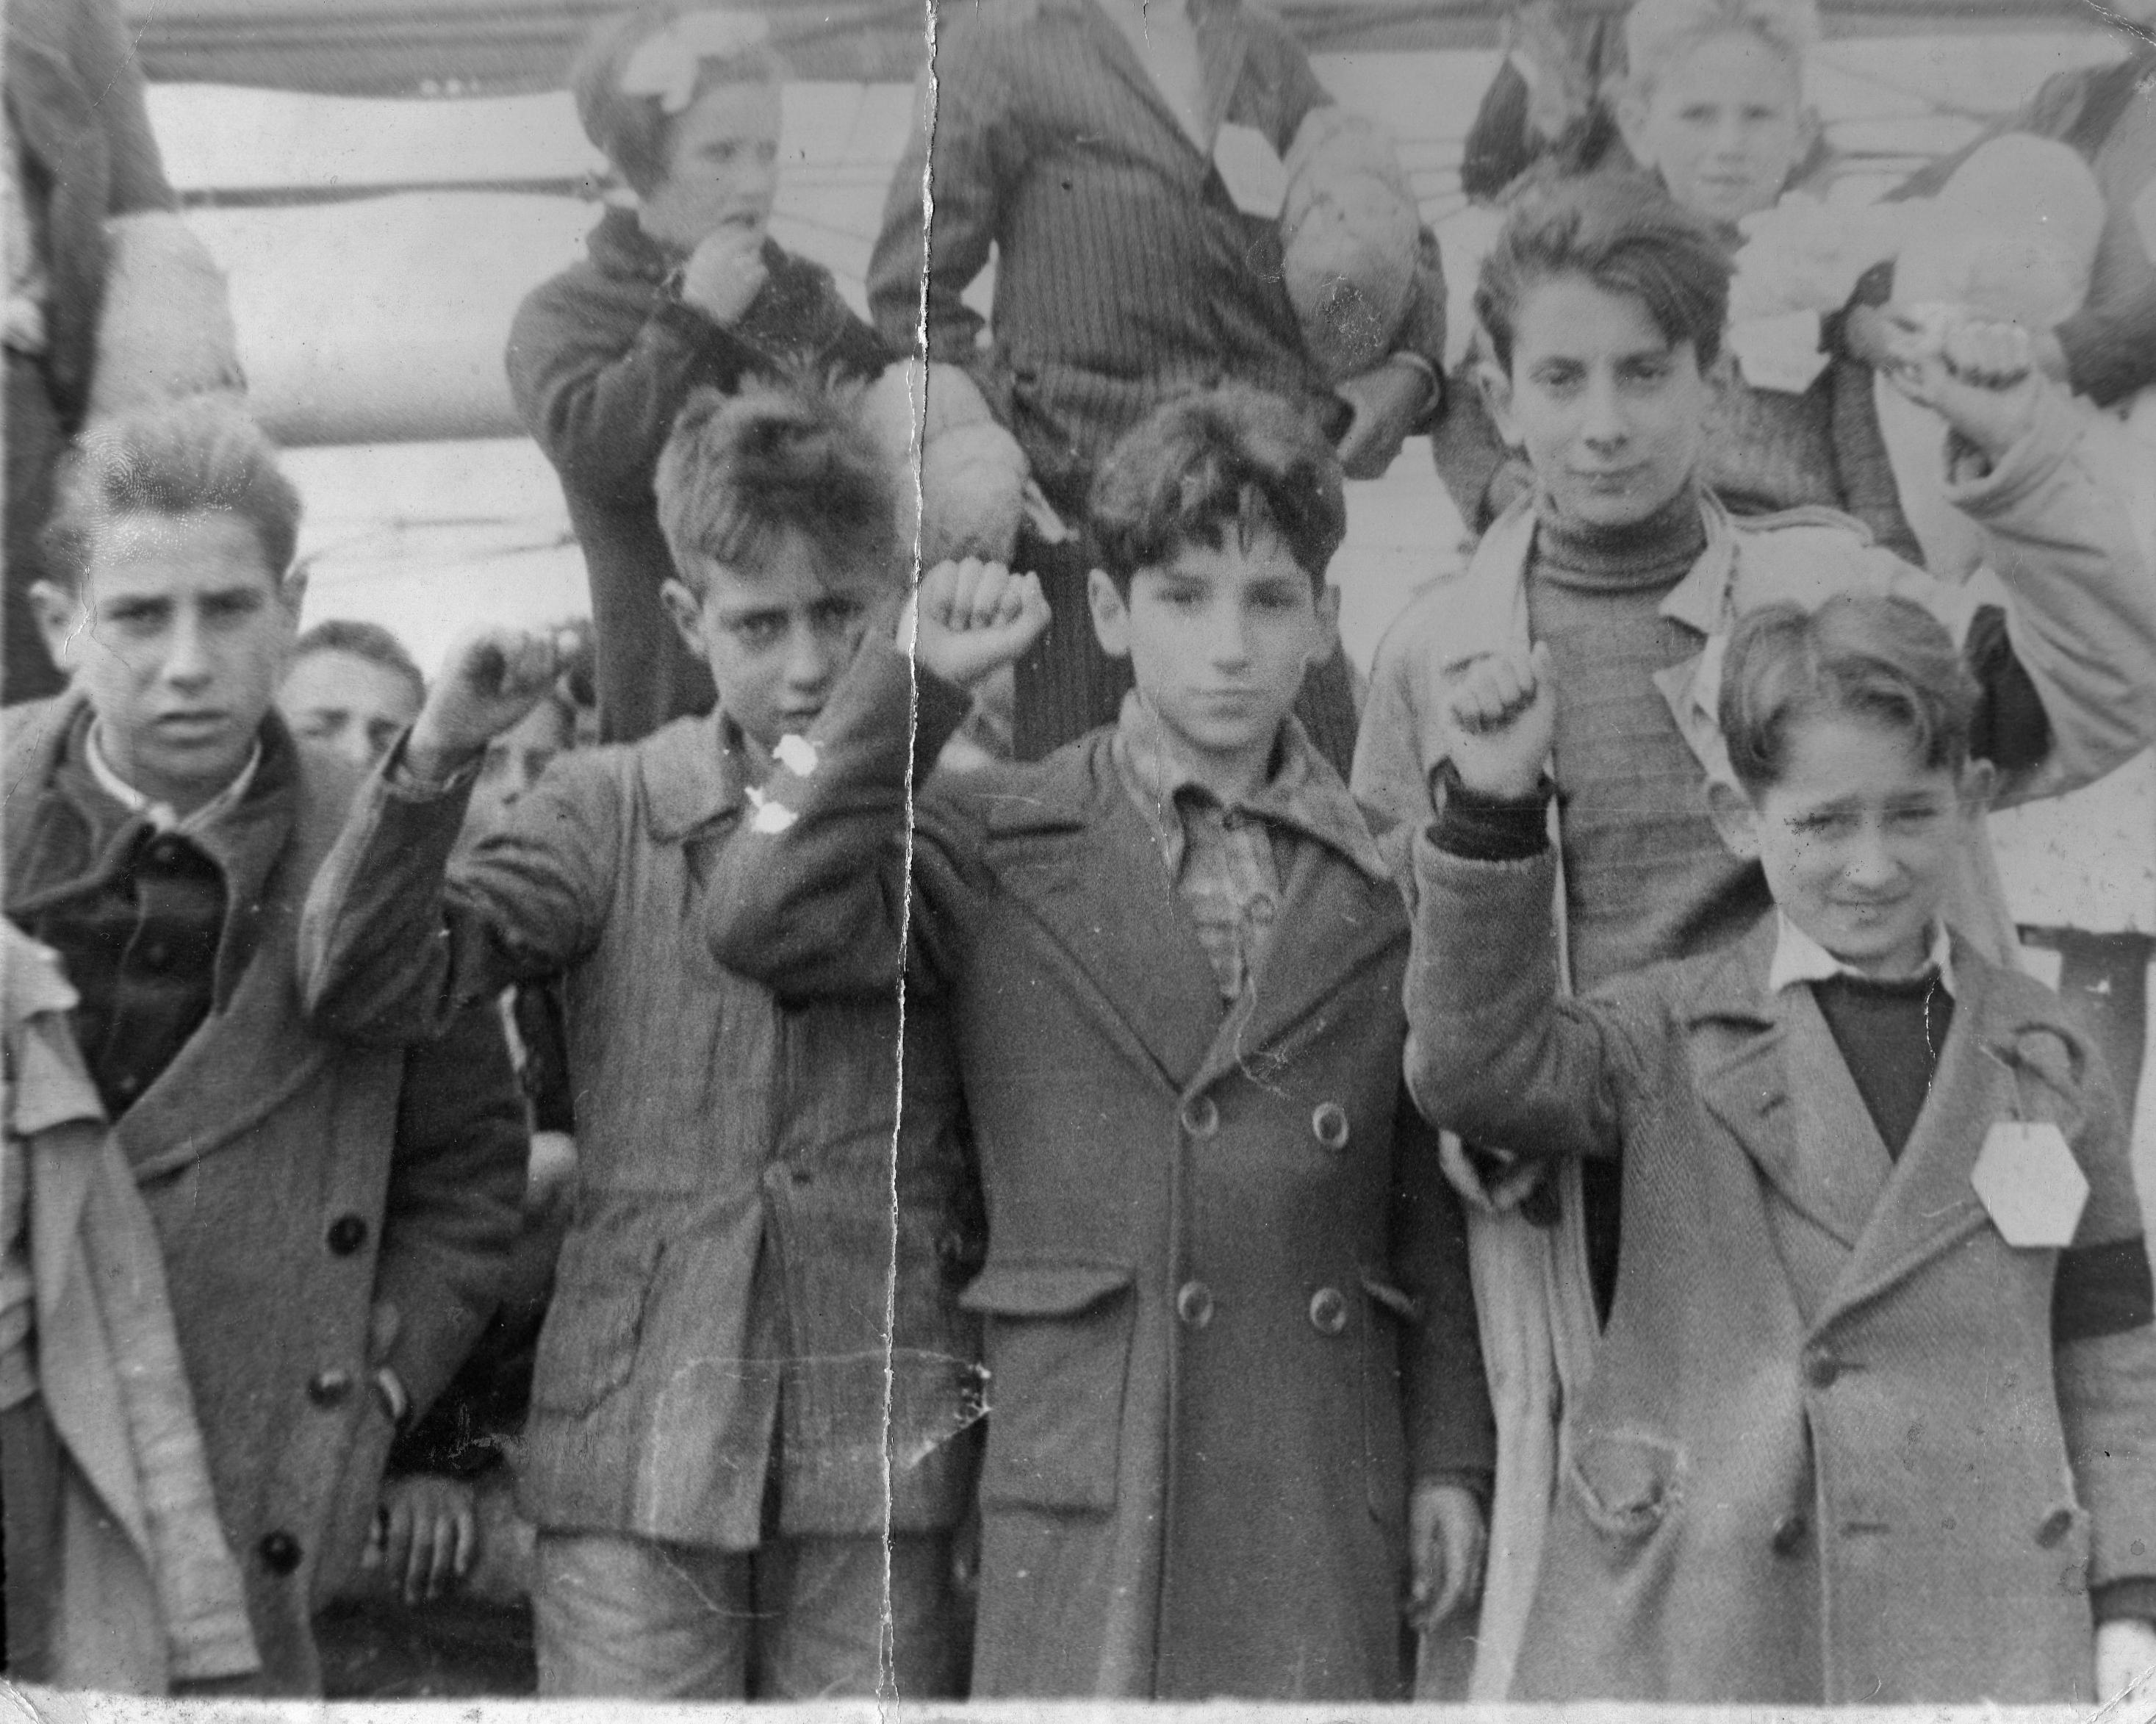 Children in war